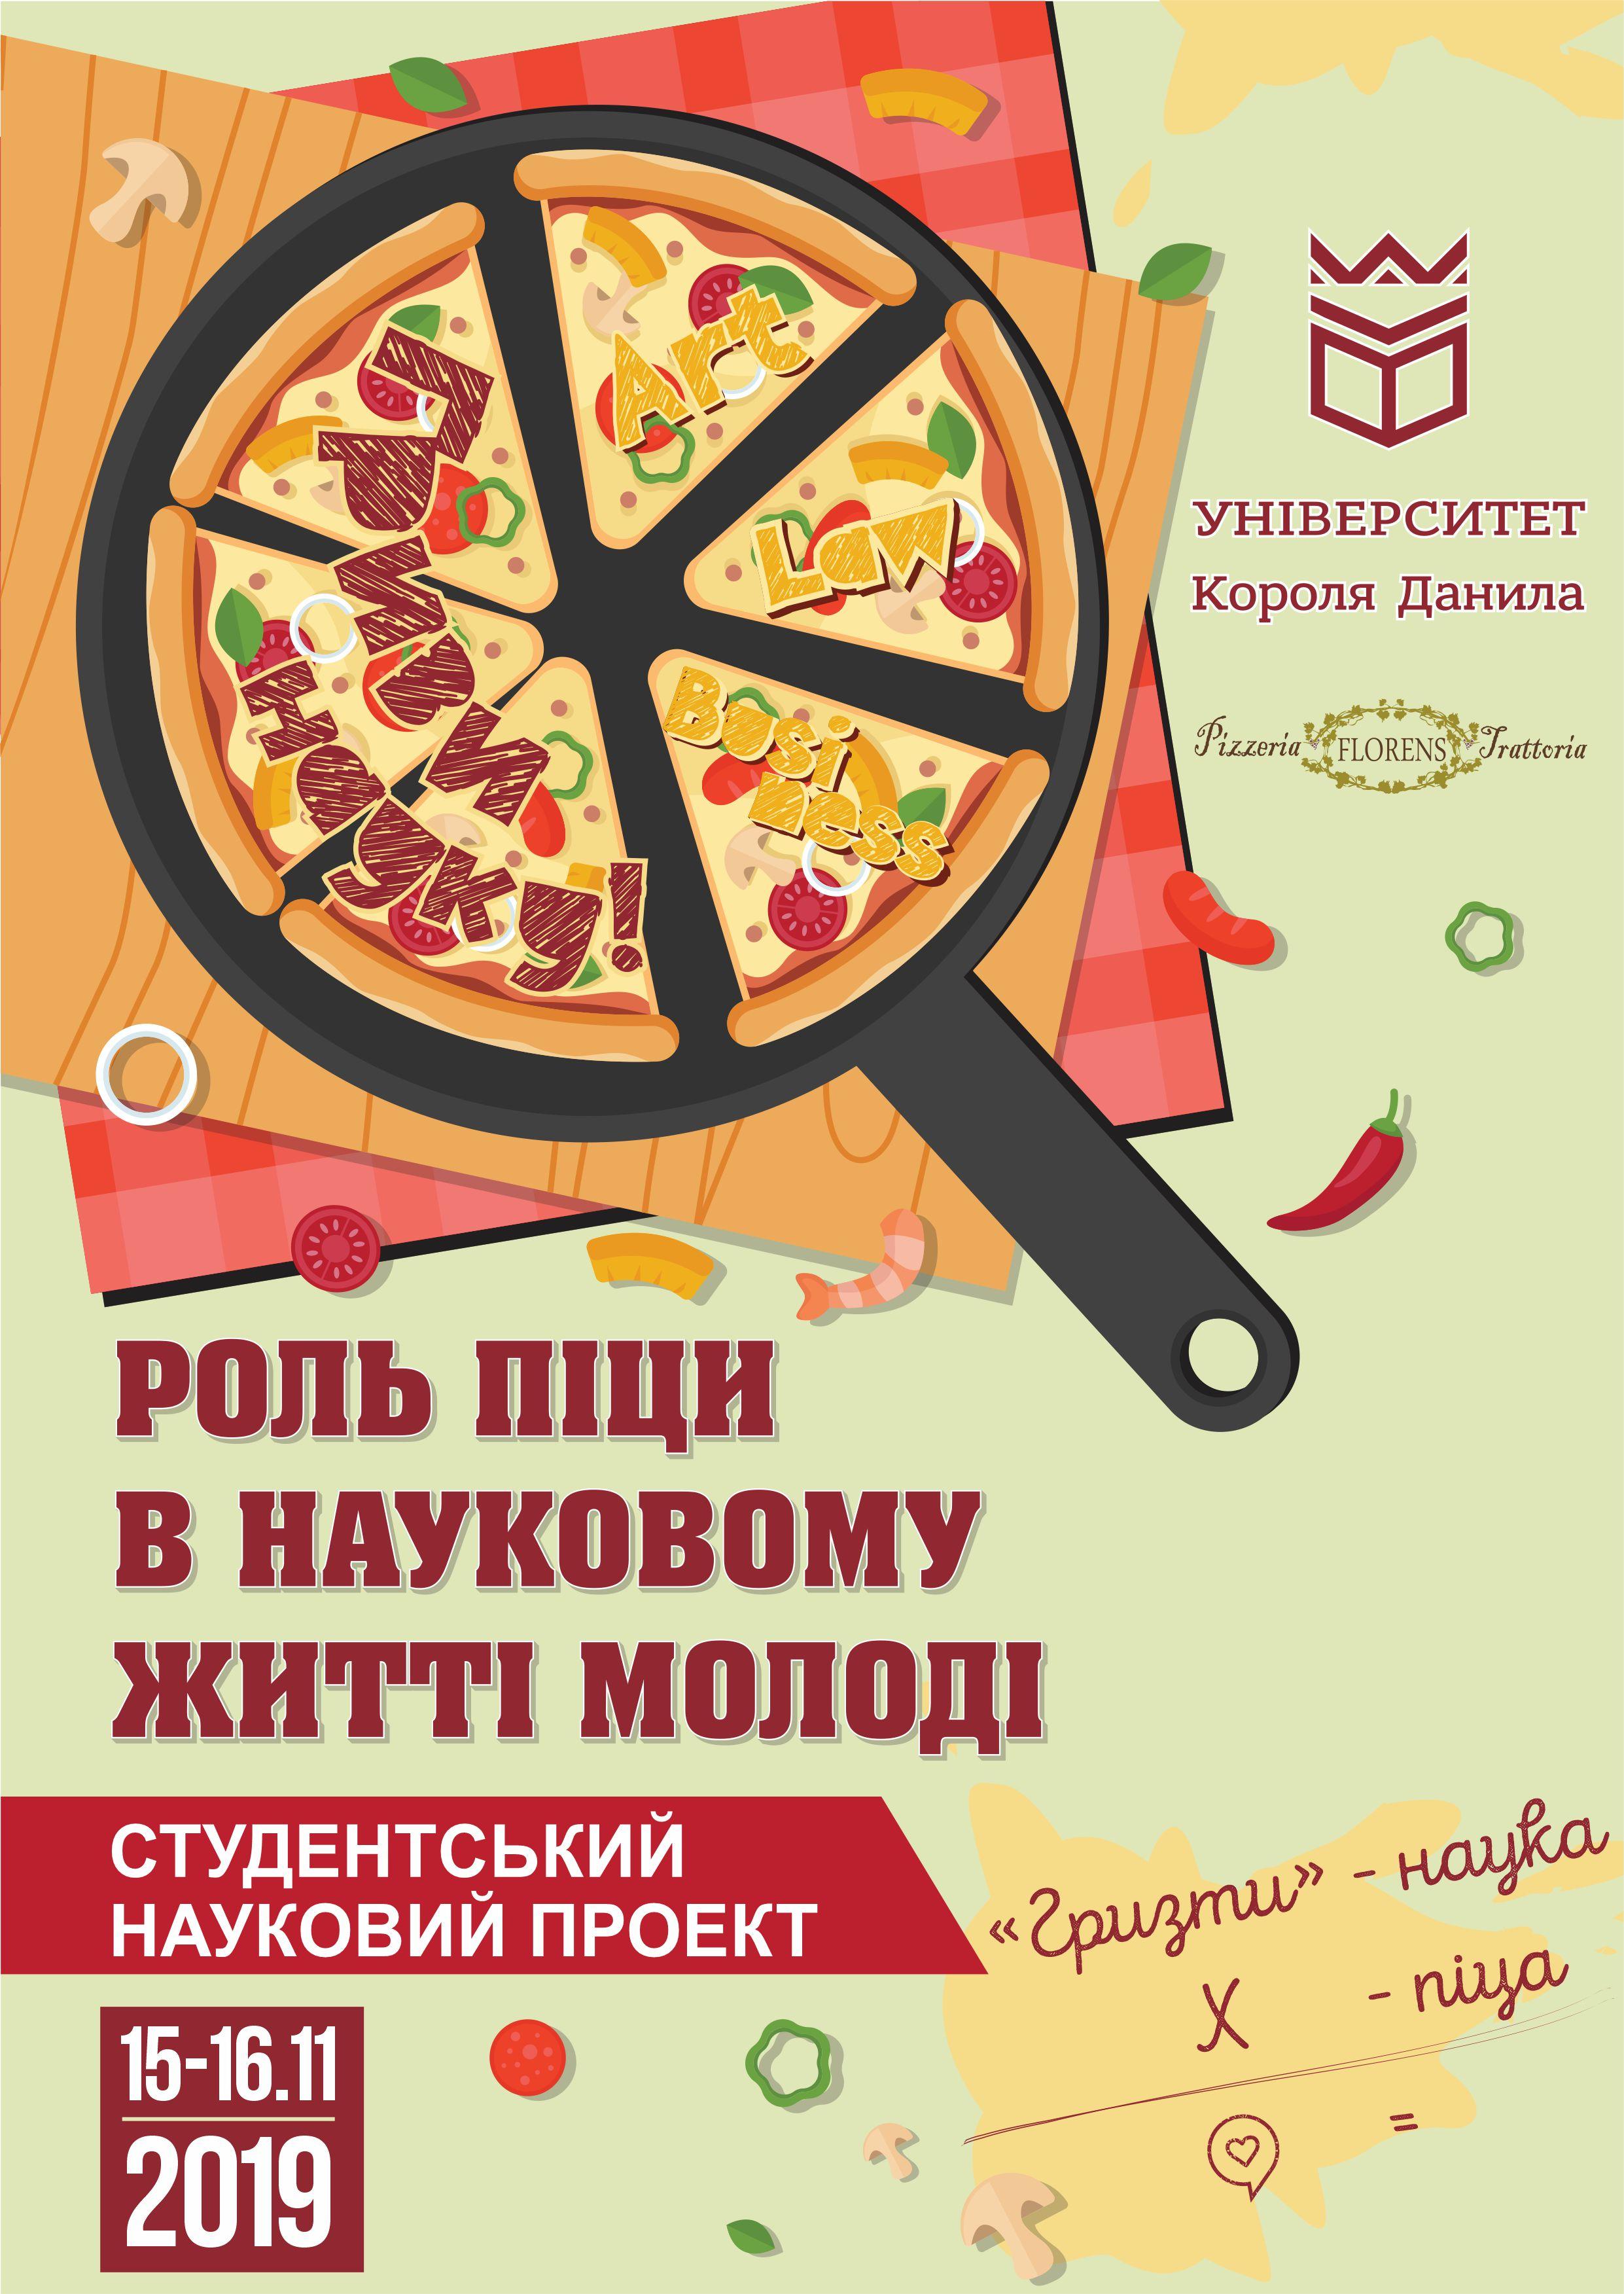 15-16 листопада в Університеті Короля Данила відбуватиметься студентський науковий проект: «Роль піци в науковому житті молоді».